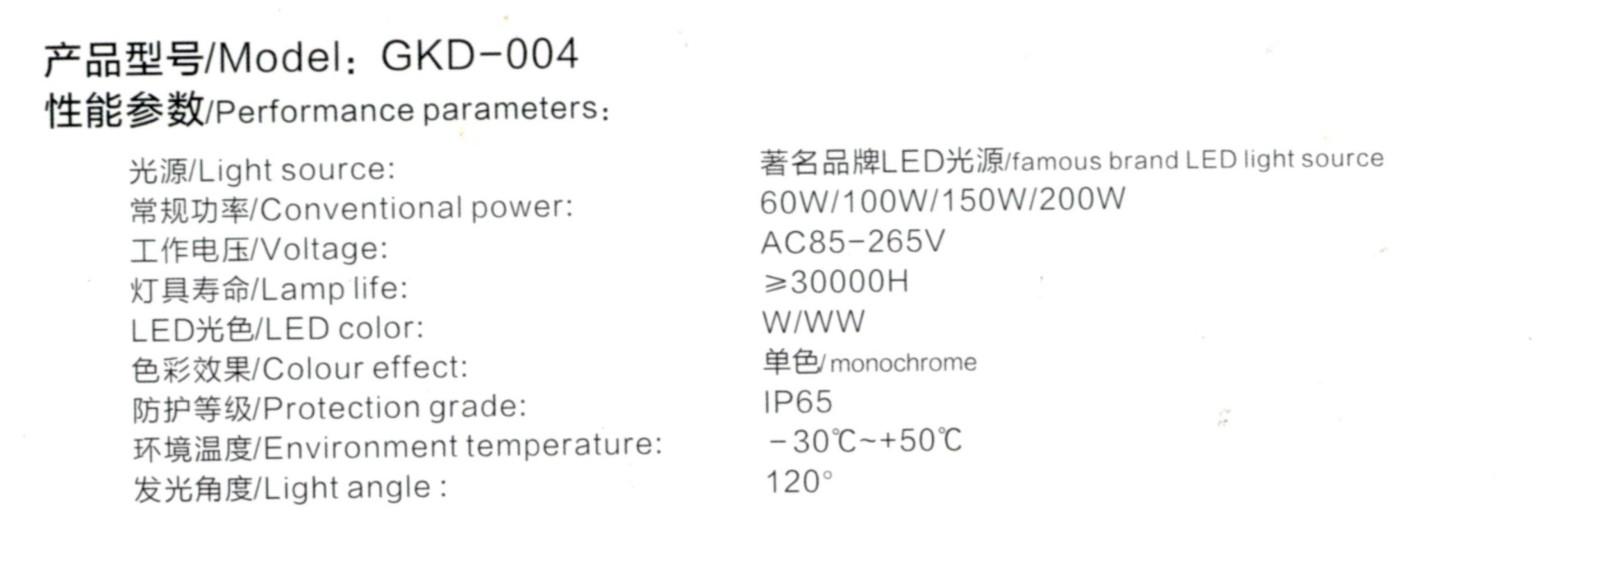 LED工矿灯Model∶GKD-004参数.jpg